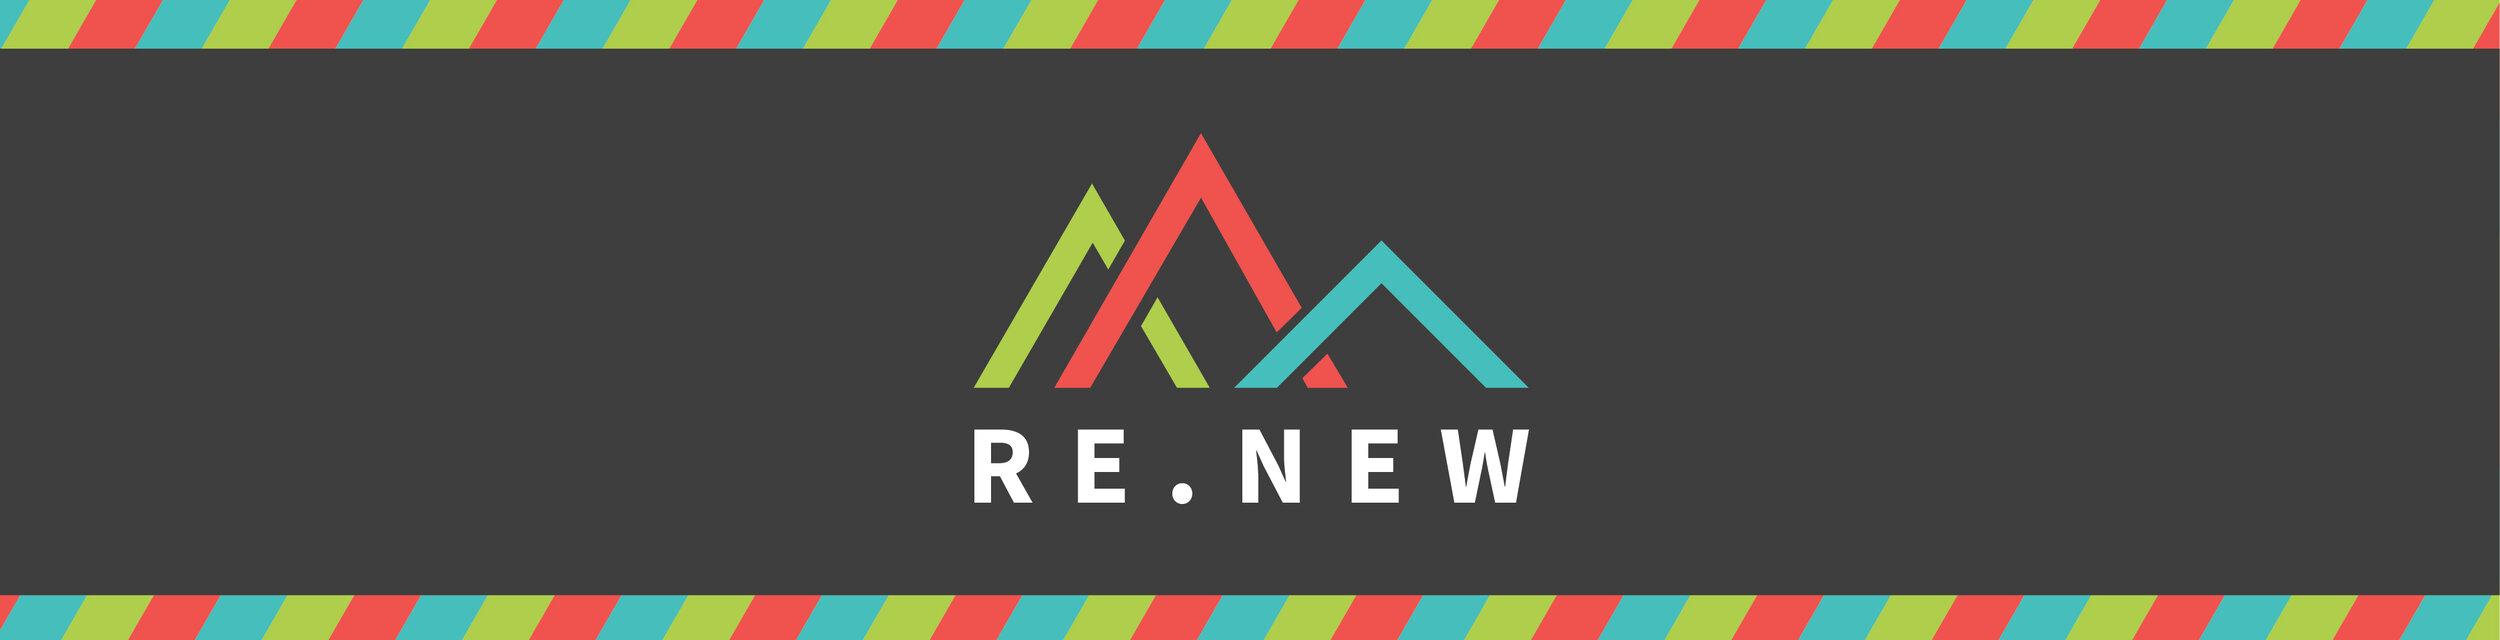 renew_web.jpg